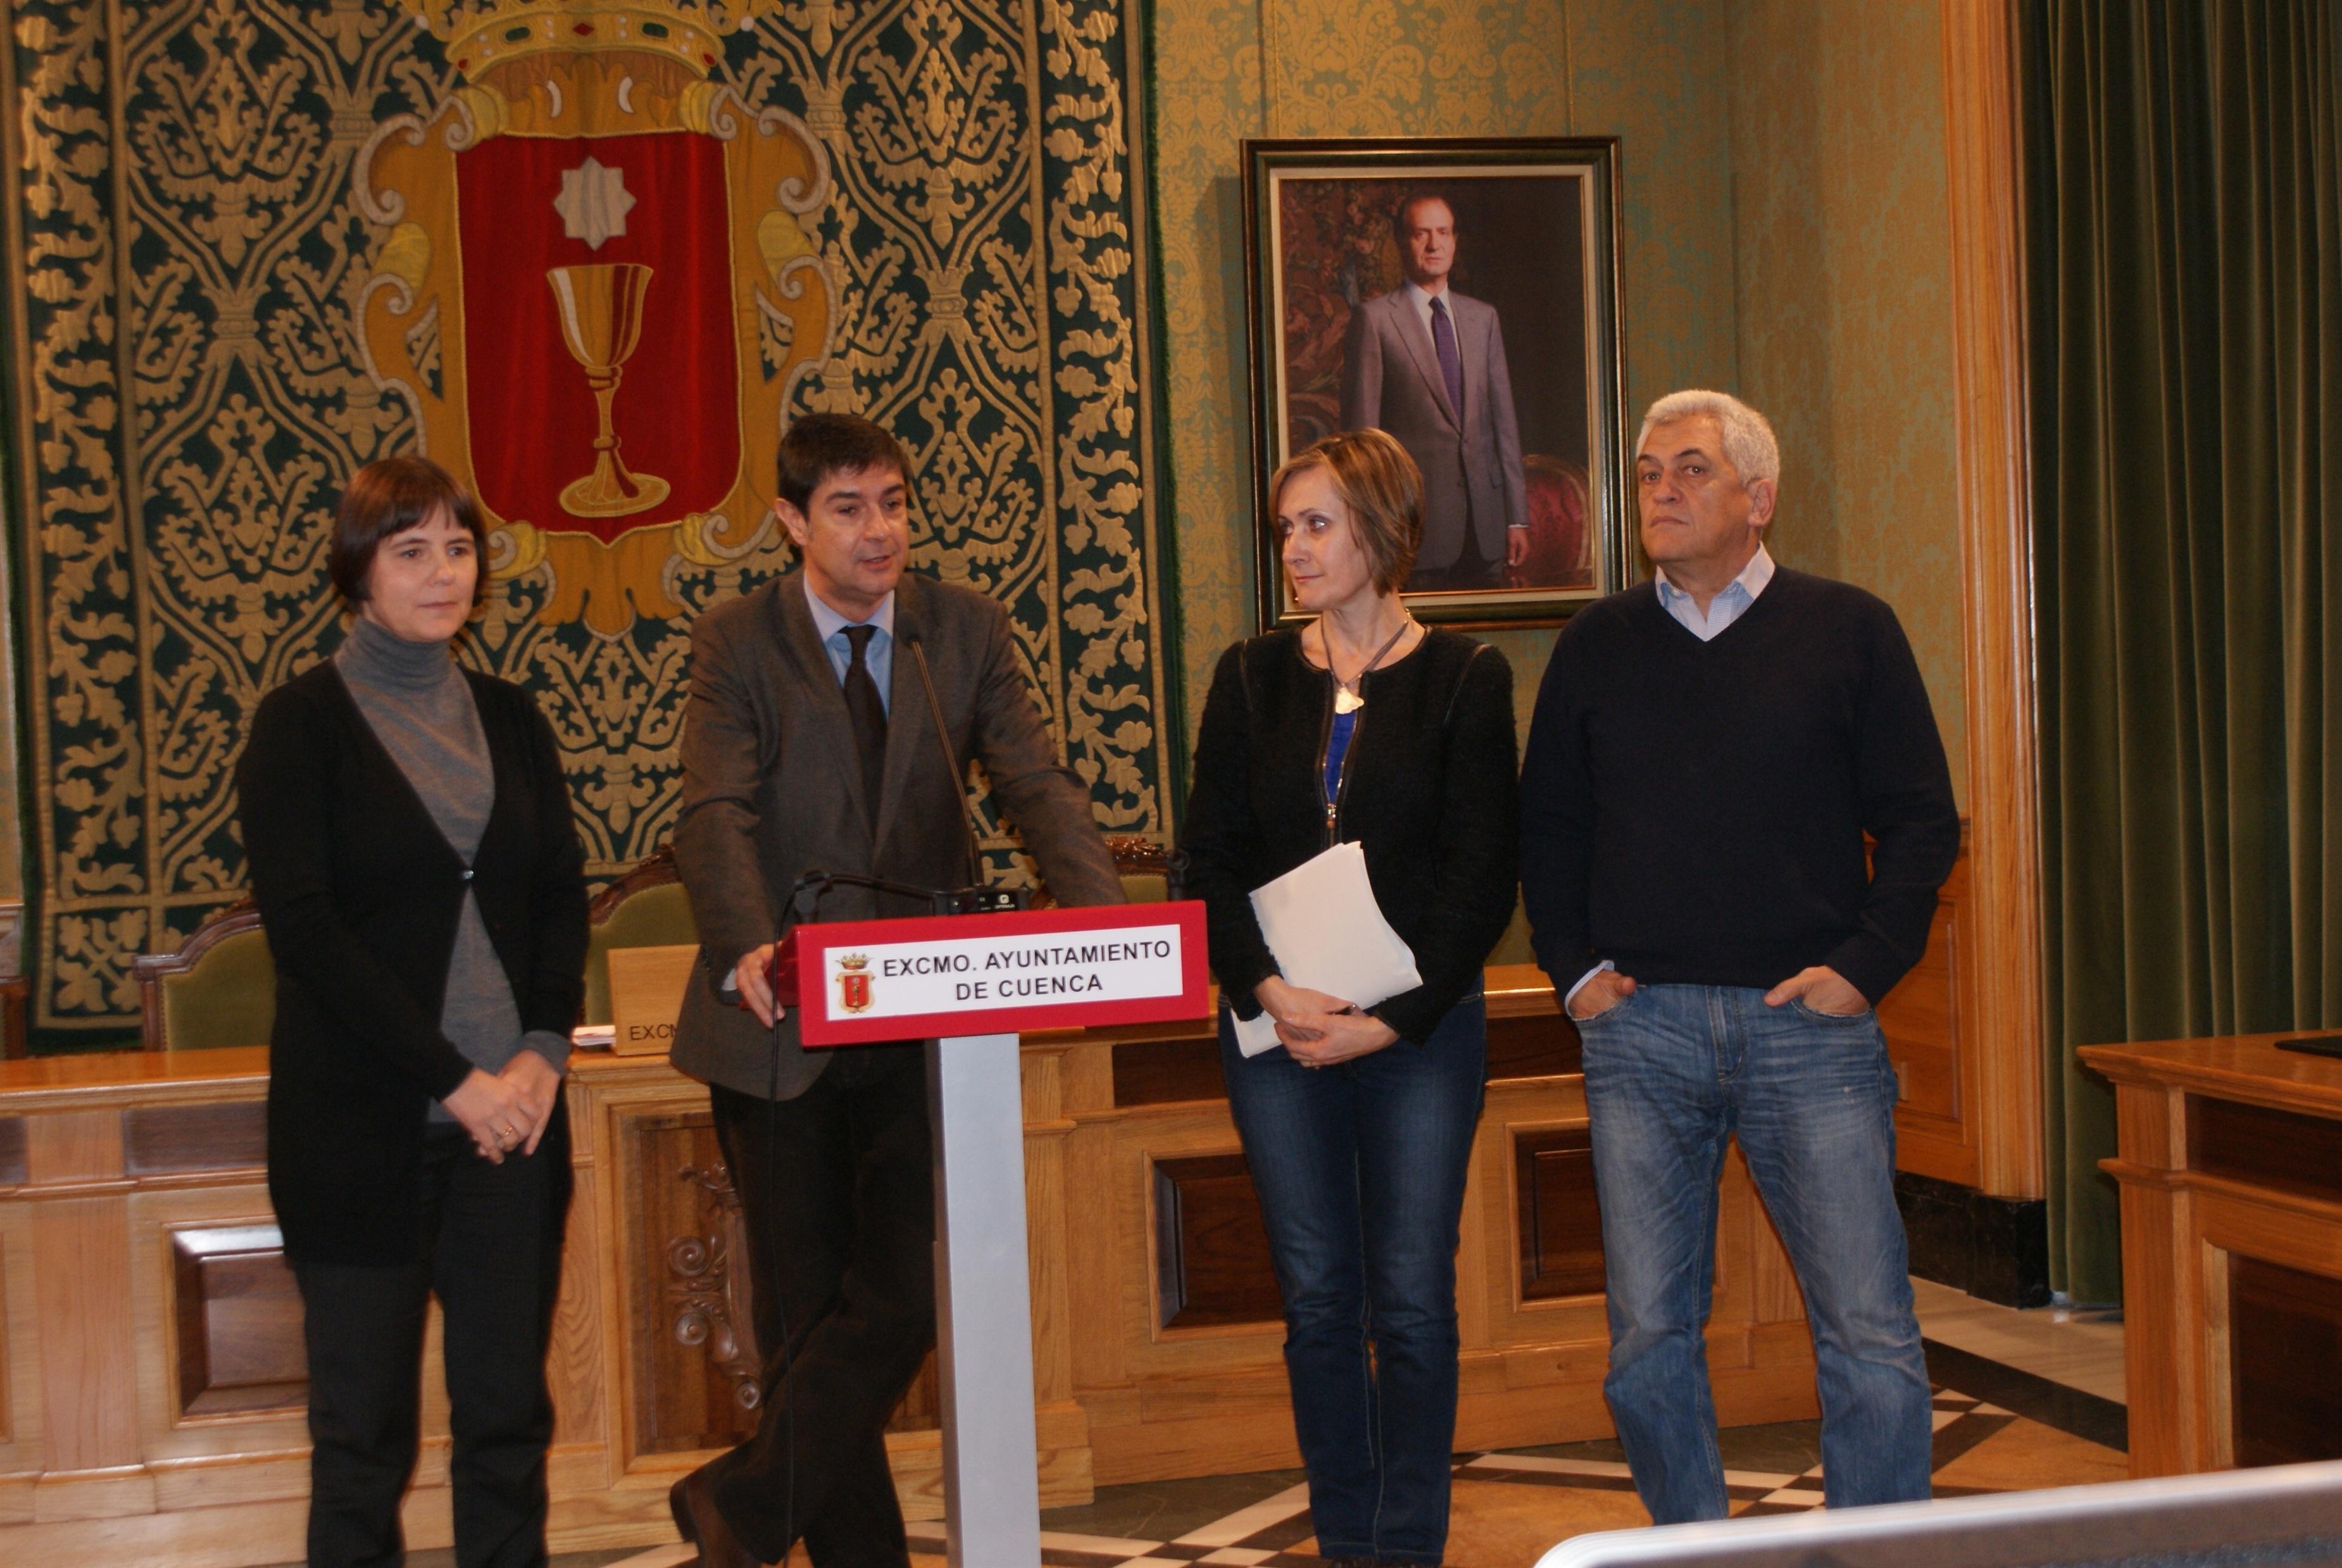 El juzgado da la razón al Ayuntamiento de Cuenca sobre la imposibilidad de ejecutar la sentencia OPE 2007, según Ávila